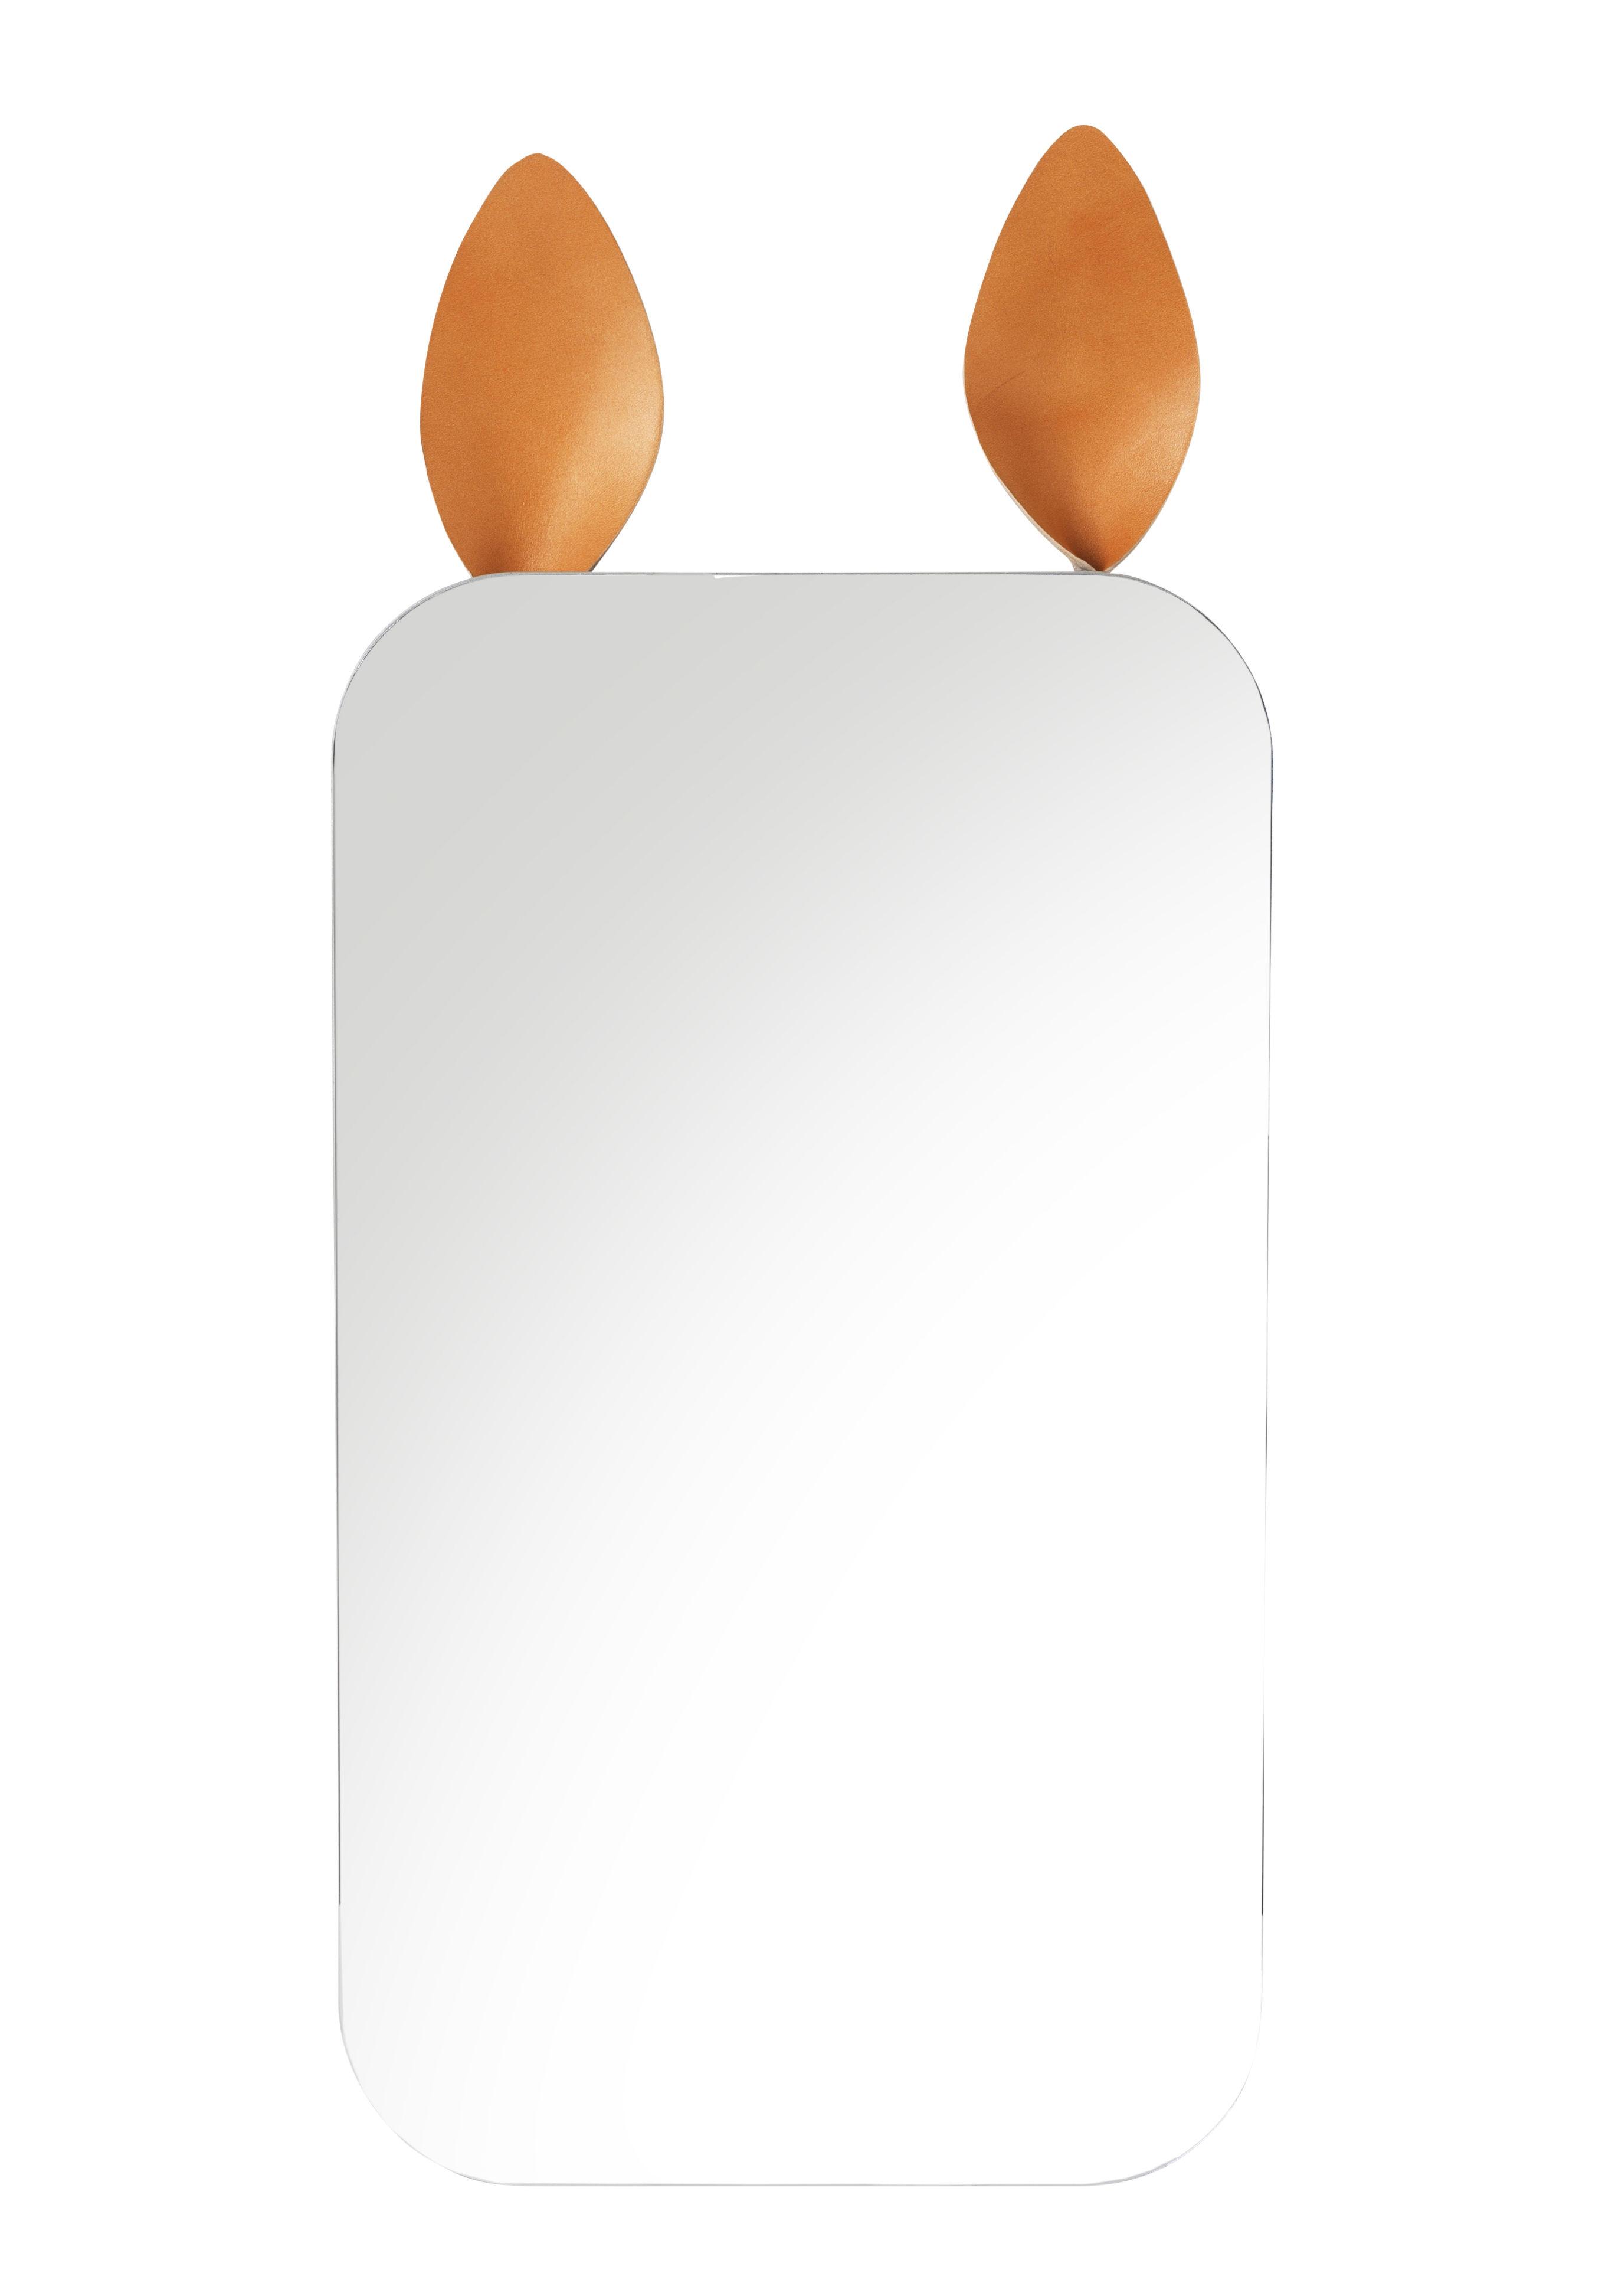 Déco - Pour les enfants - Miroir mural Rabbit / L 25 x H 44 cm - Oreilles en cuir - Ferm Living - Cuir naturel - Cuir, Verre